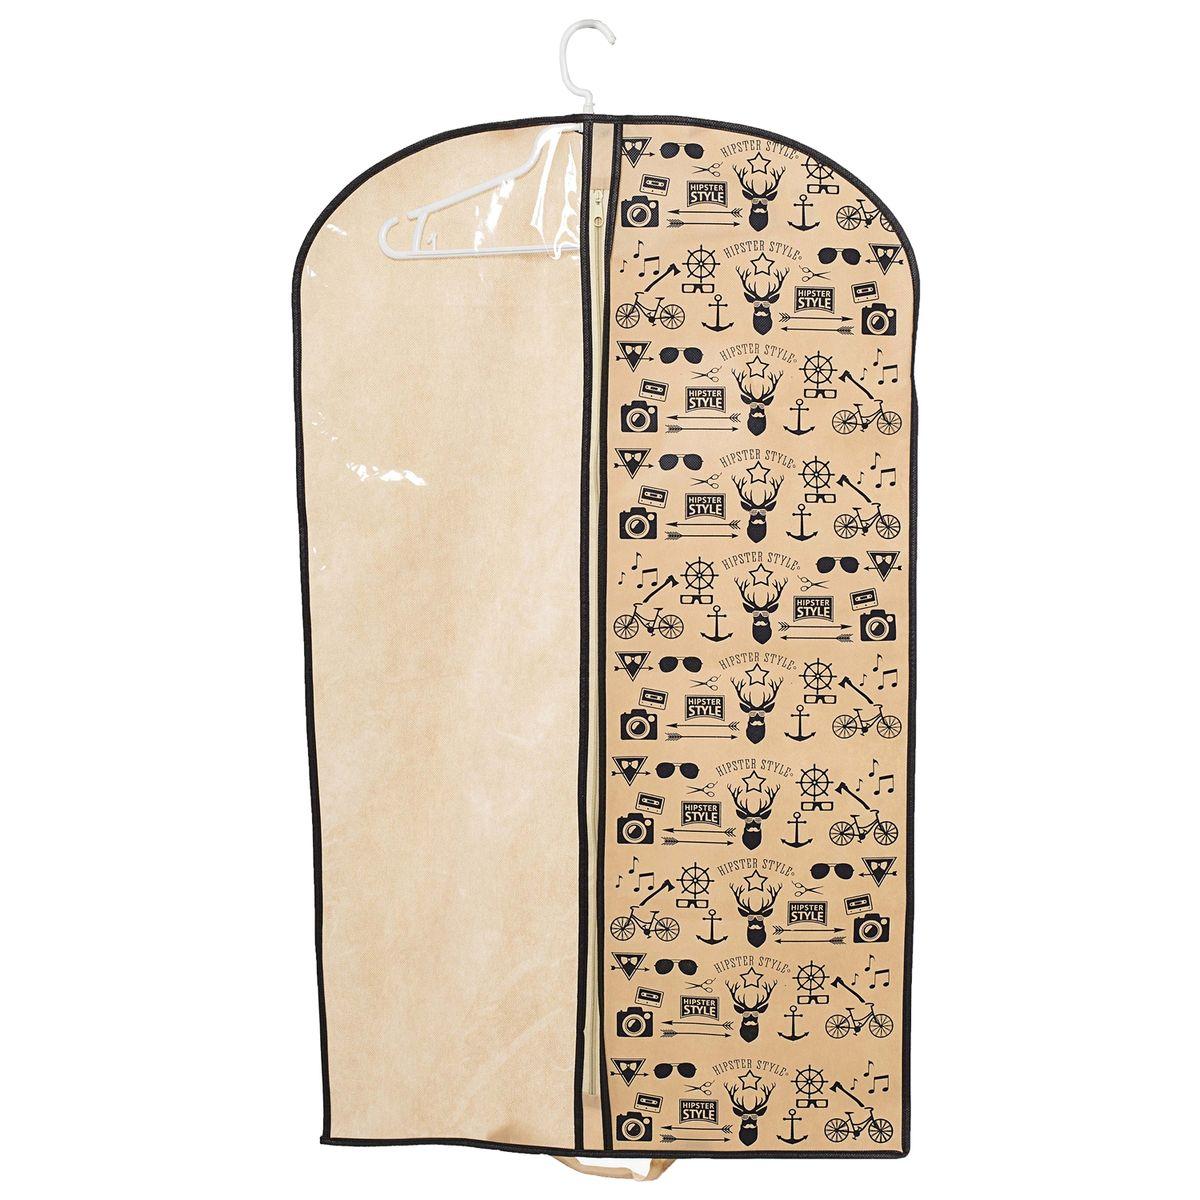 Чехол для одежды Homsu Hipster Style, подвесной, с прозрачной вставкой, 100 x 60 см10503Подвесной чехол для одежды Homsu Hipster Style на застежке-молнии выполнен из высококачественного нетканого материала. Чехол снабжен прозрачной вставкой из ПВХ, что позволяет легко просматривать содержимое. Изделие подходит для длительного хранения вещей.Чехол обеспечит вашей одежде надежную защиту от влажности, повреждений и грязи при транспортировке, от запыления при хранении и проникновения моли. Чехол позволяет воздуху свободно поступать внутрь вещей, обеспечивая их кондиционирование. Это особенно важно при хранении кожаных и меховых изделий.Чехол для одежды Homsu Hipster Style создаст уютную атмосферу в гардеробе. Лаконичный дизайн придется по вкусу ценительницам эстетичного хранения и сделают вашу гардеробную изысканной и невероятно стильной.Размер чехла: 100 х 60 см.